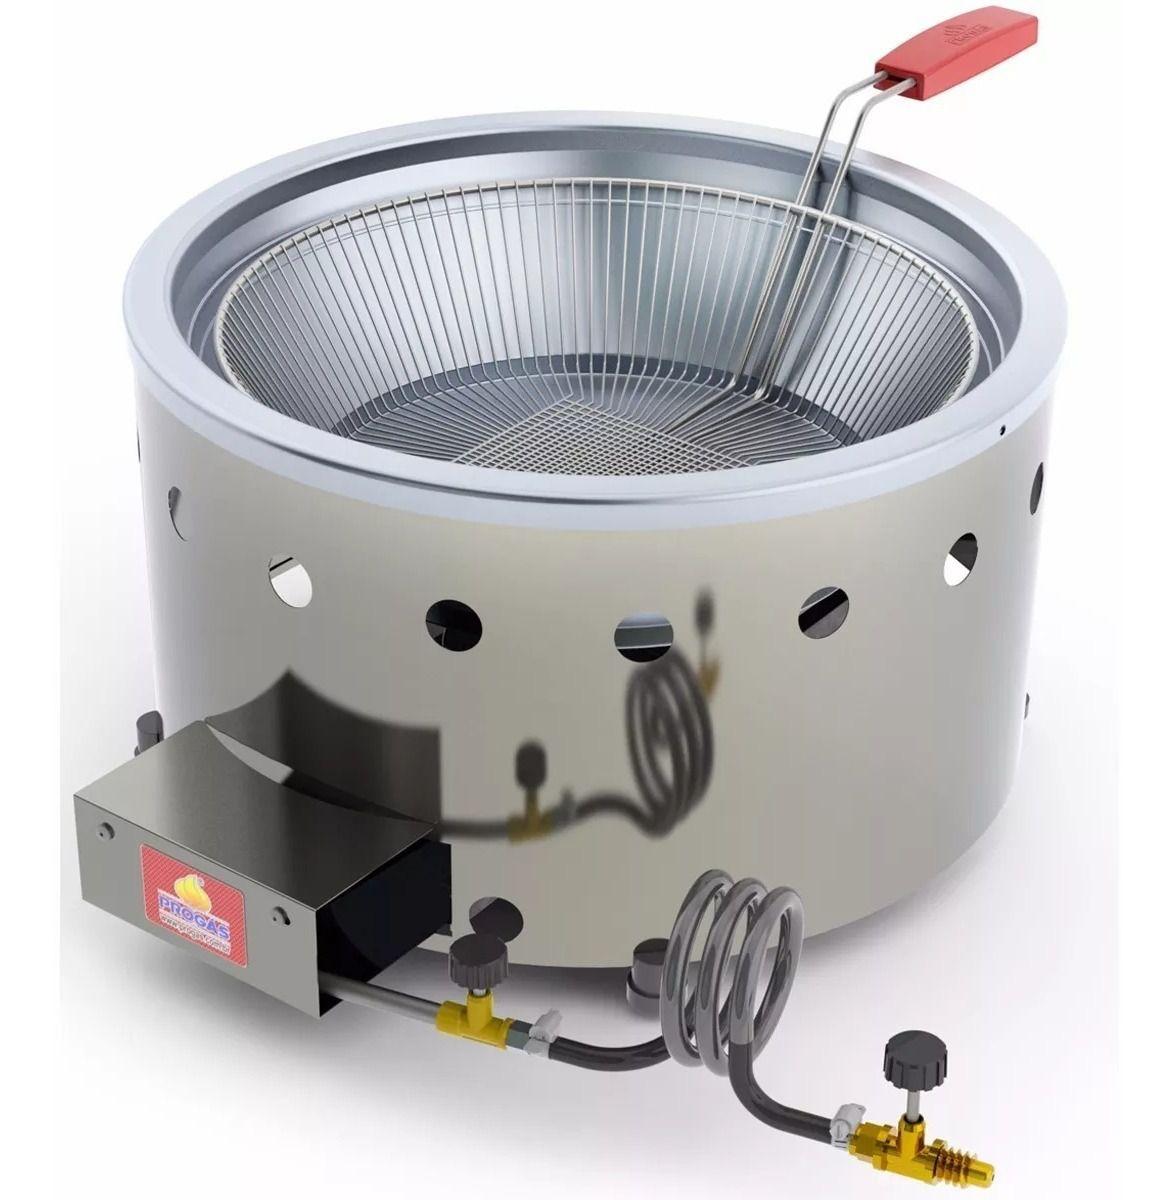 Tacho/Fritador Progás 7L a Gás PR-70G G2